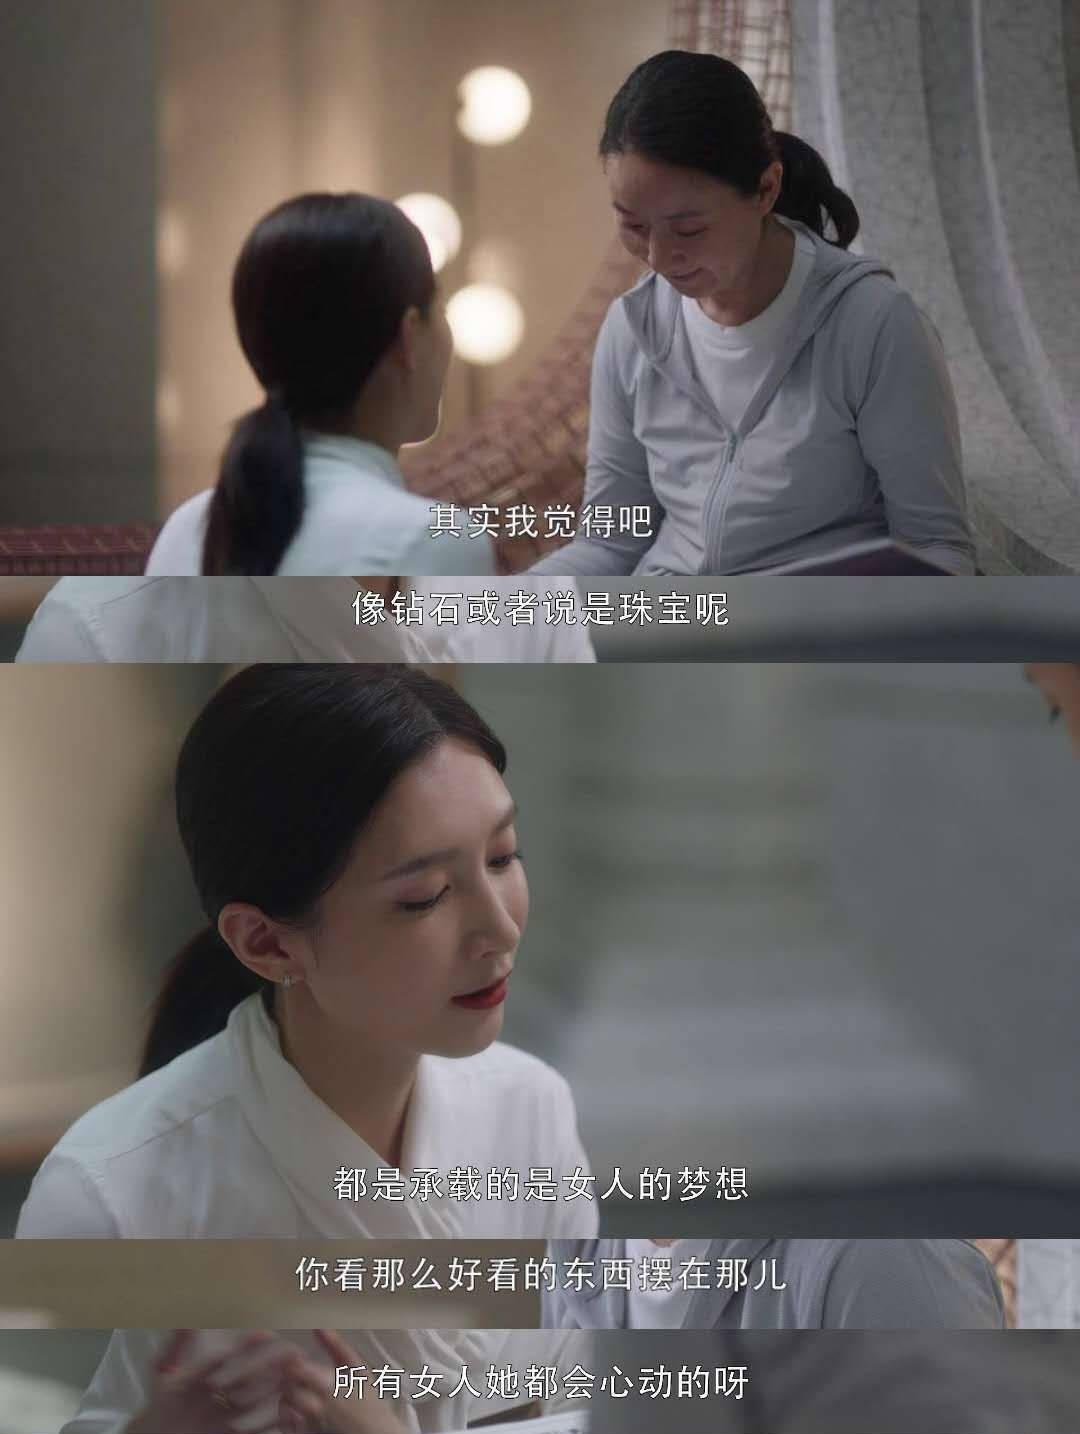 北京昨日新增9例新冠肺炎确诊病例 涉及丰台等4区